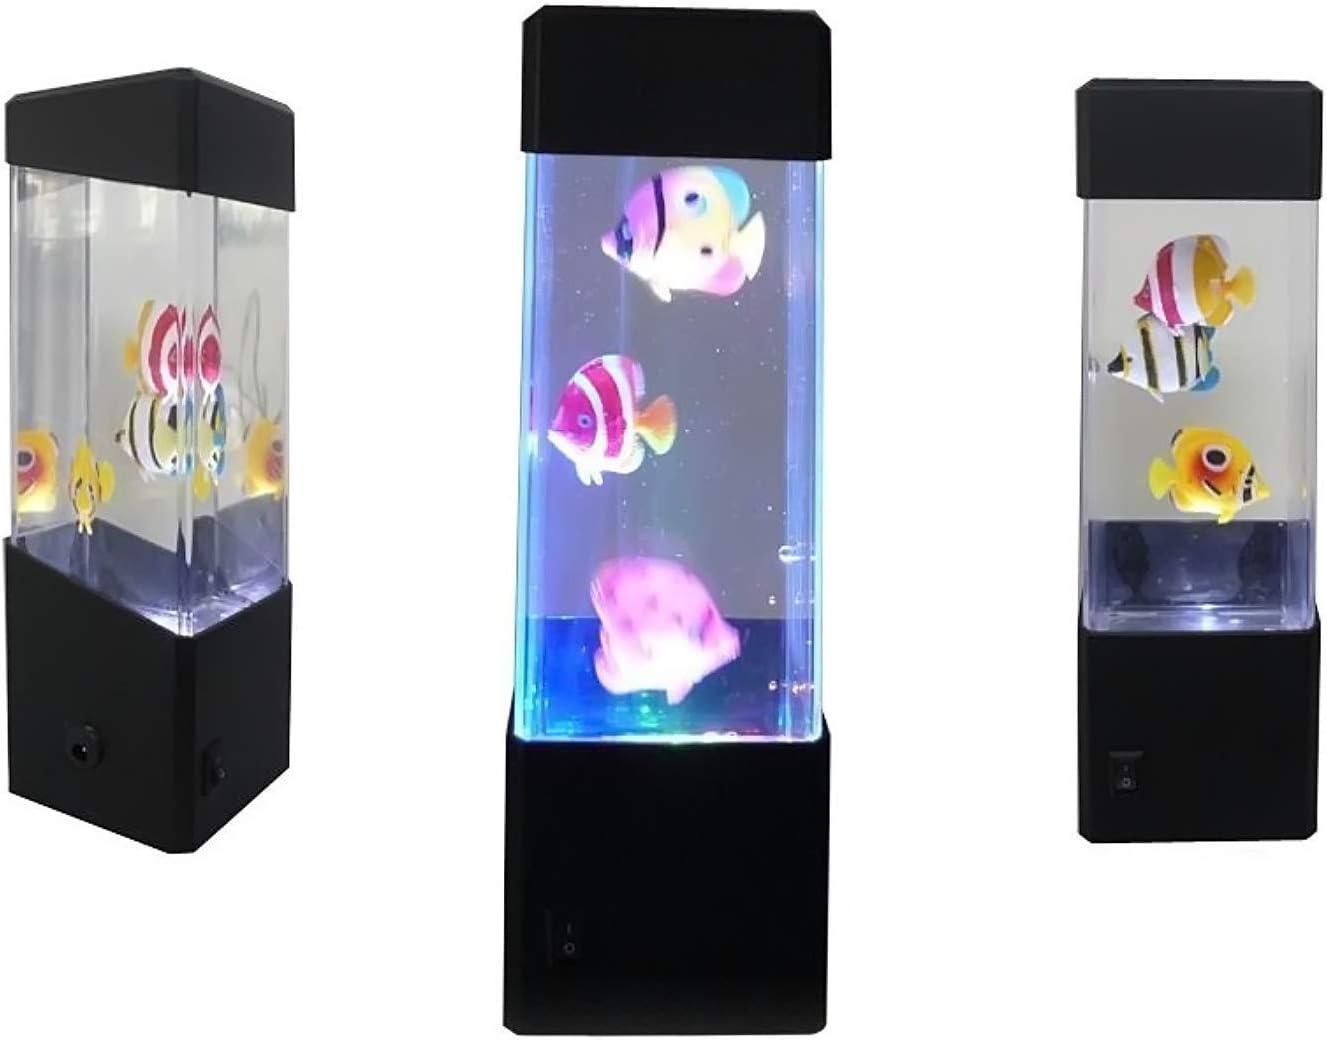 Yosoo Jellyfish Water Ball Tropical Fish Aquarium Tank LED Lights Relaxing Mood Night Lamp Light (Aquarium lamp)